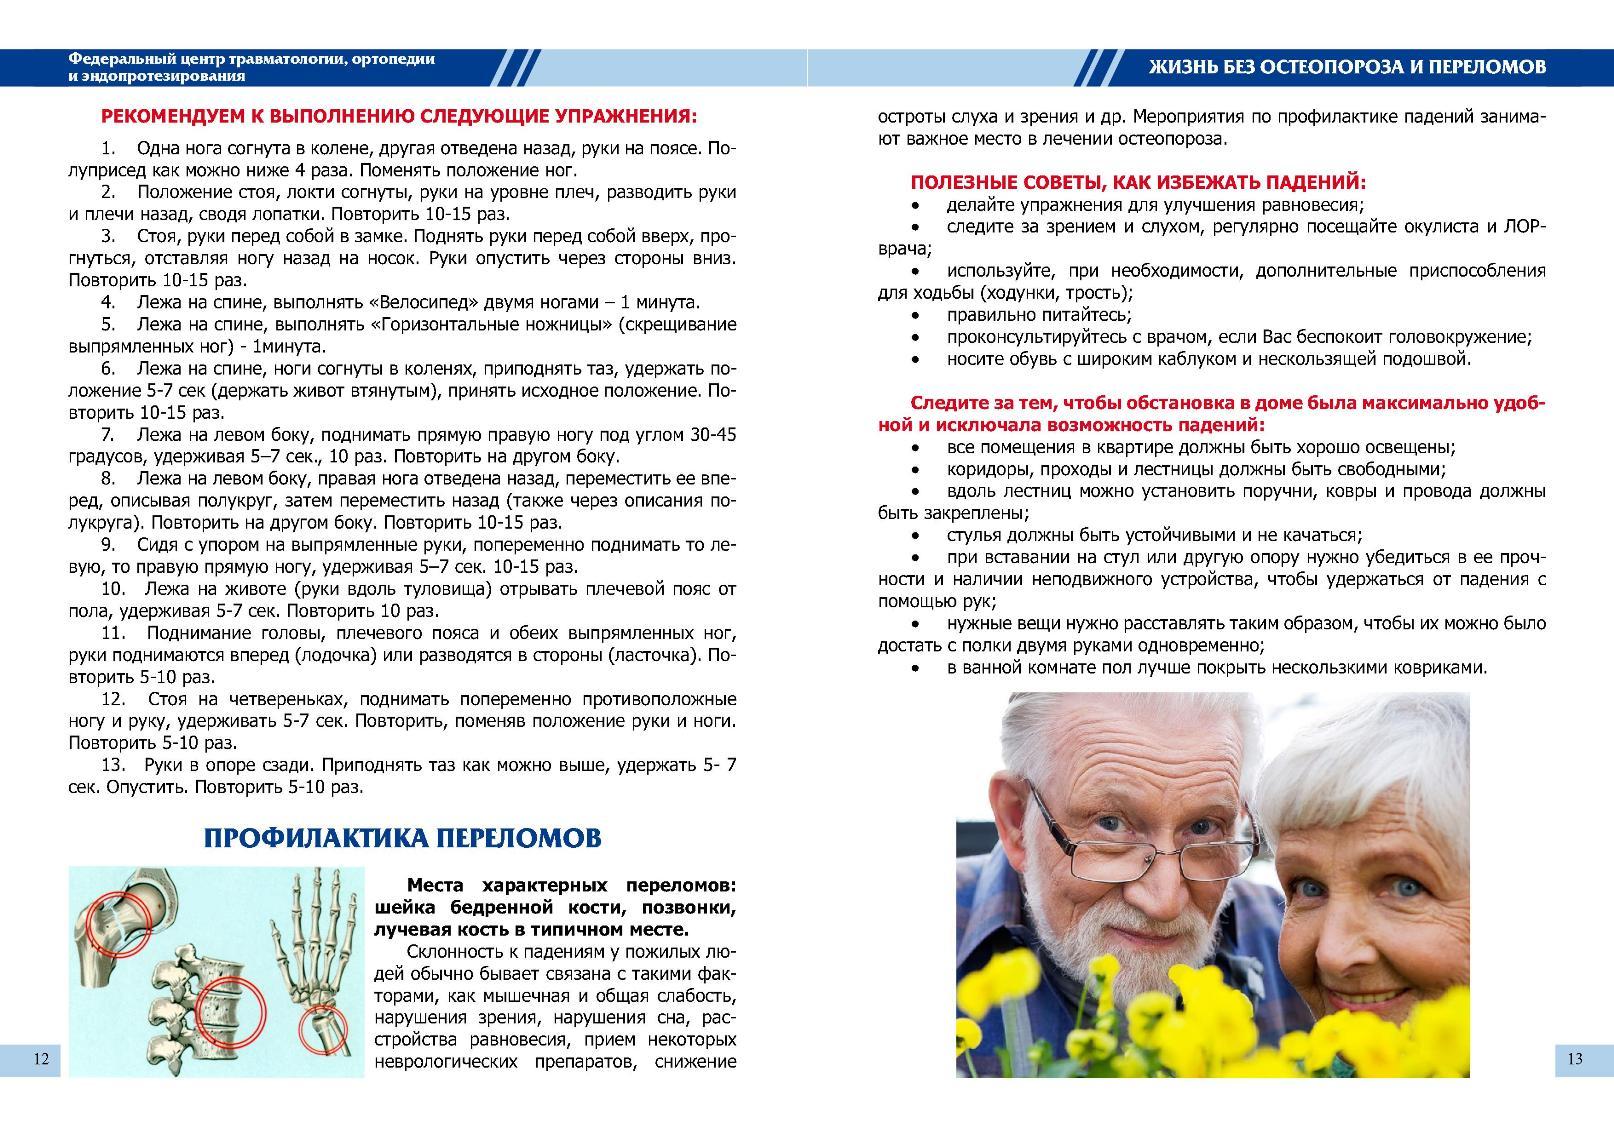 Профилактика остеопороза: как избежать хрупкости костей в пожилом возрасте